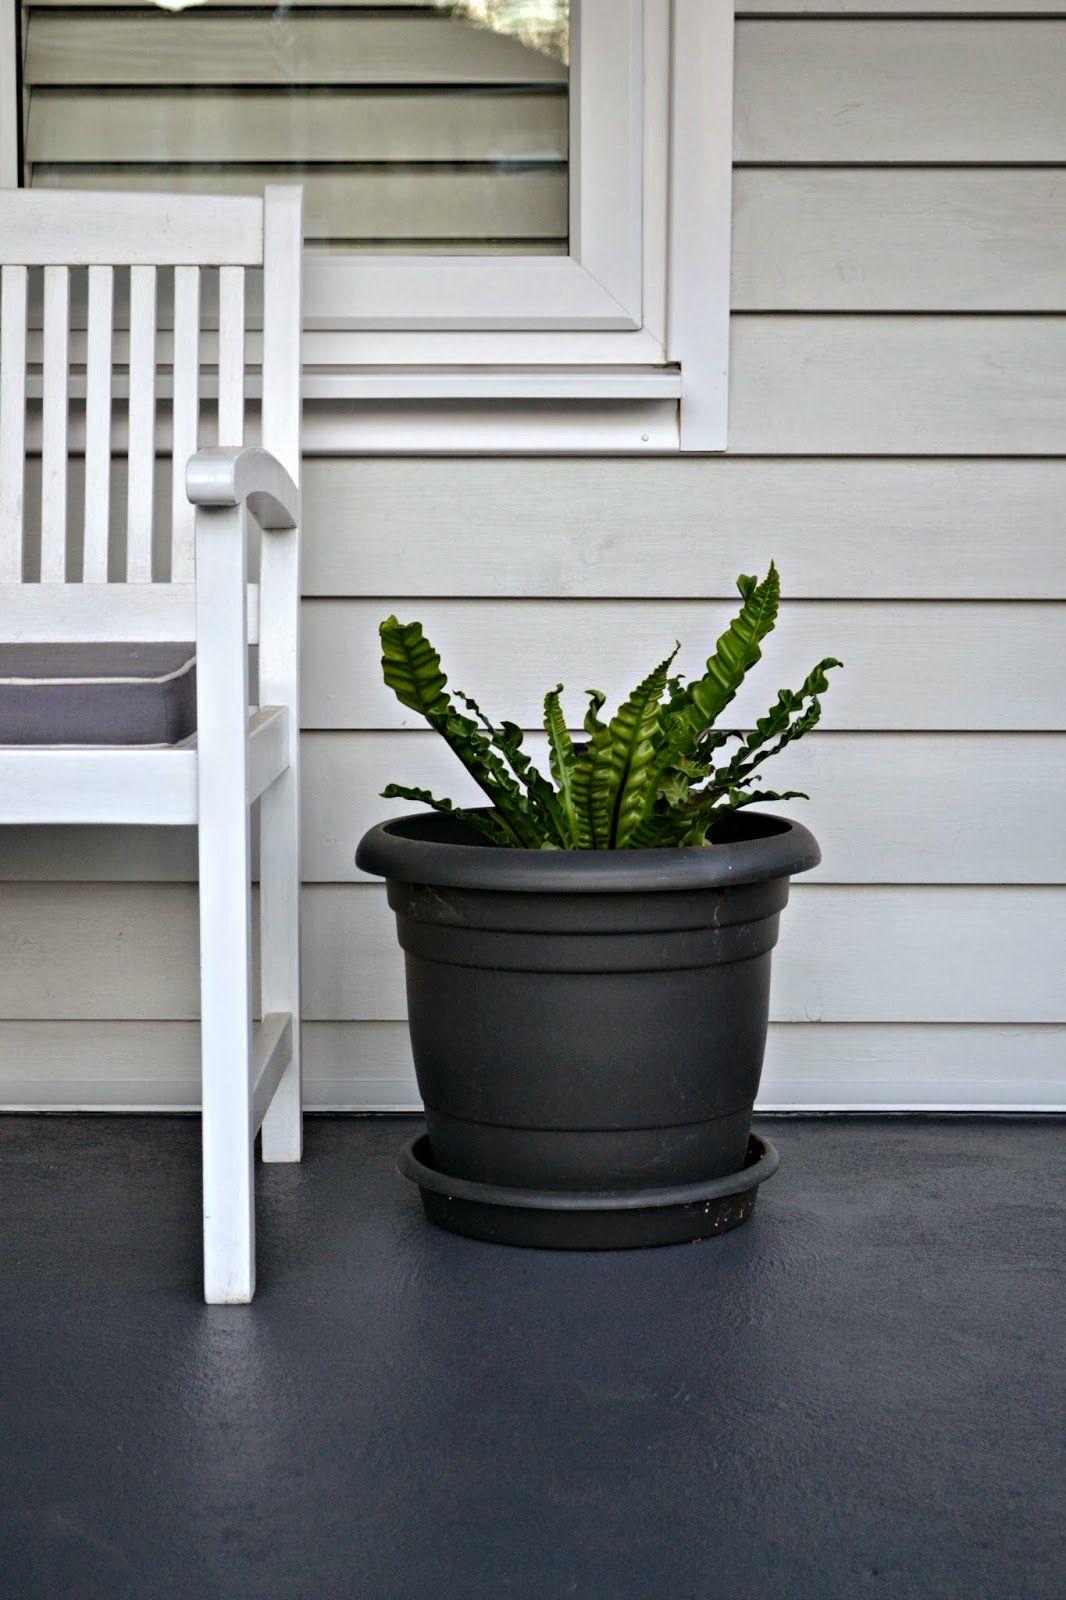 Pin on Front verandah